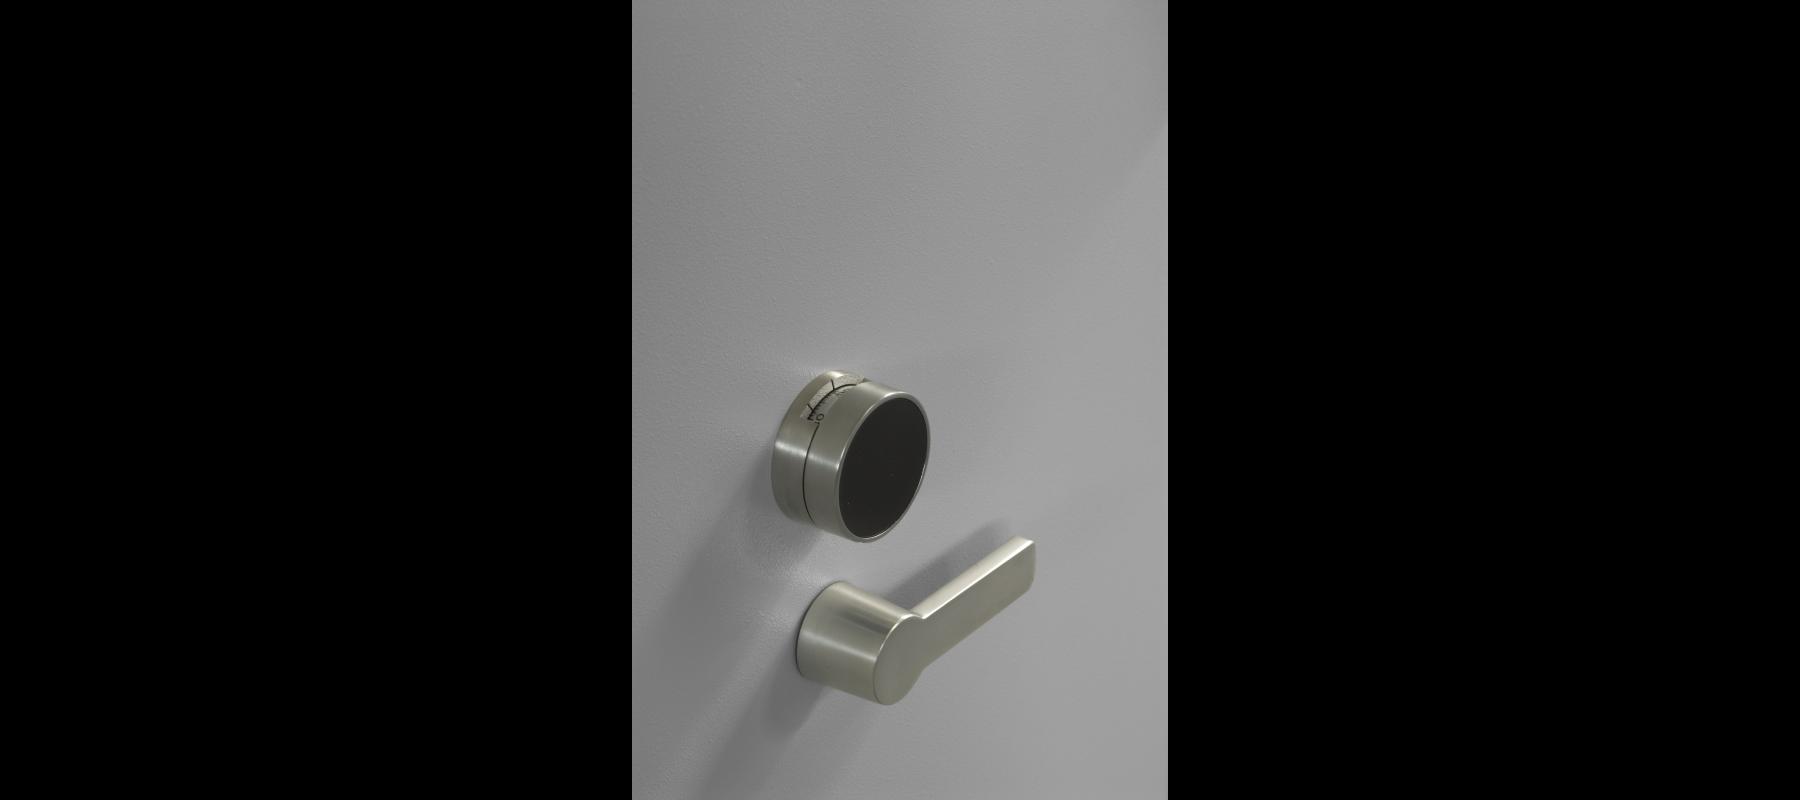 meble metalowe sejfy i szafy pancerne szafy aktowe wzmocnione mw detale - 03